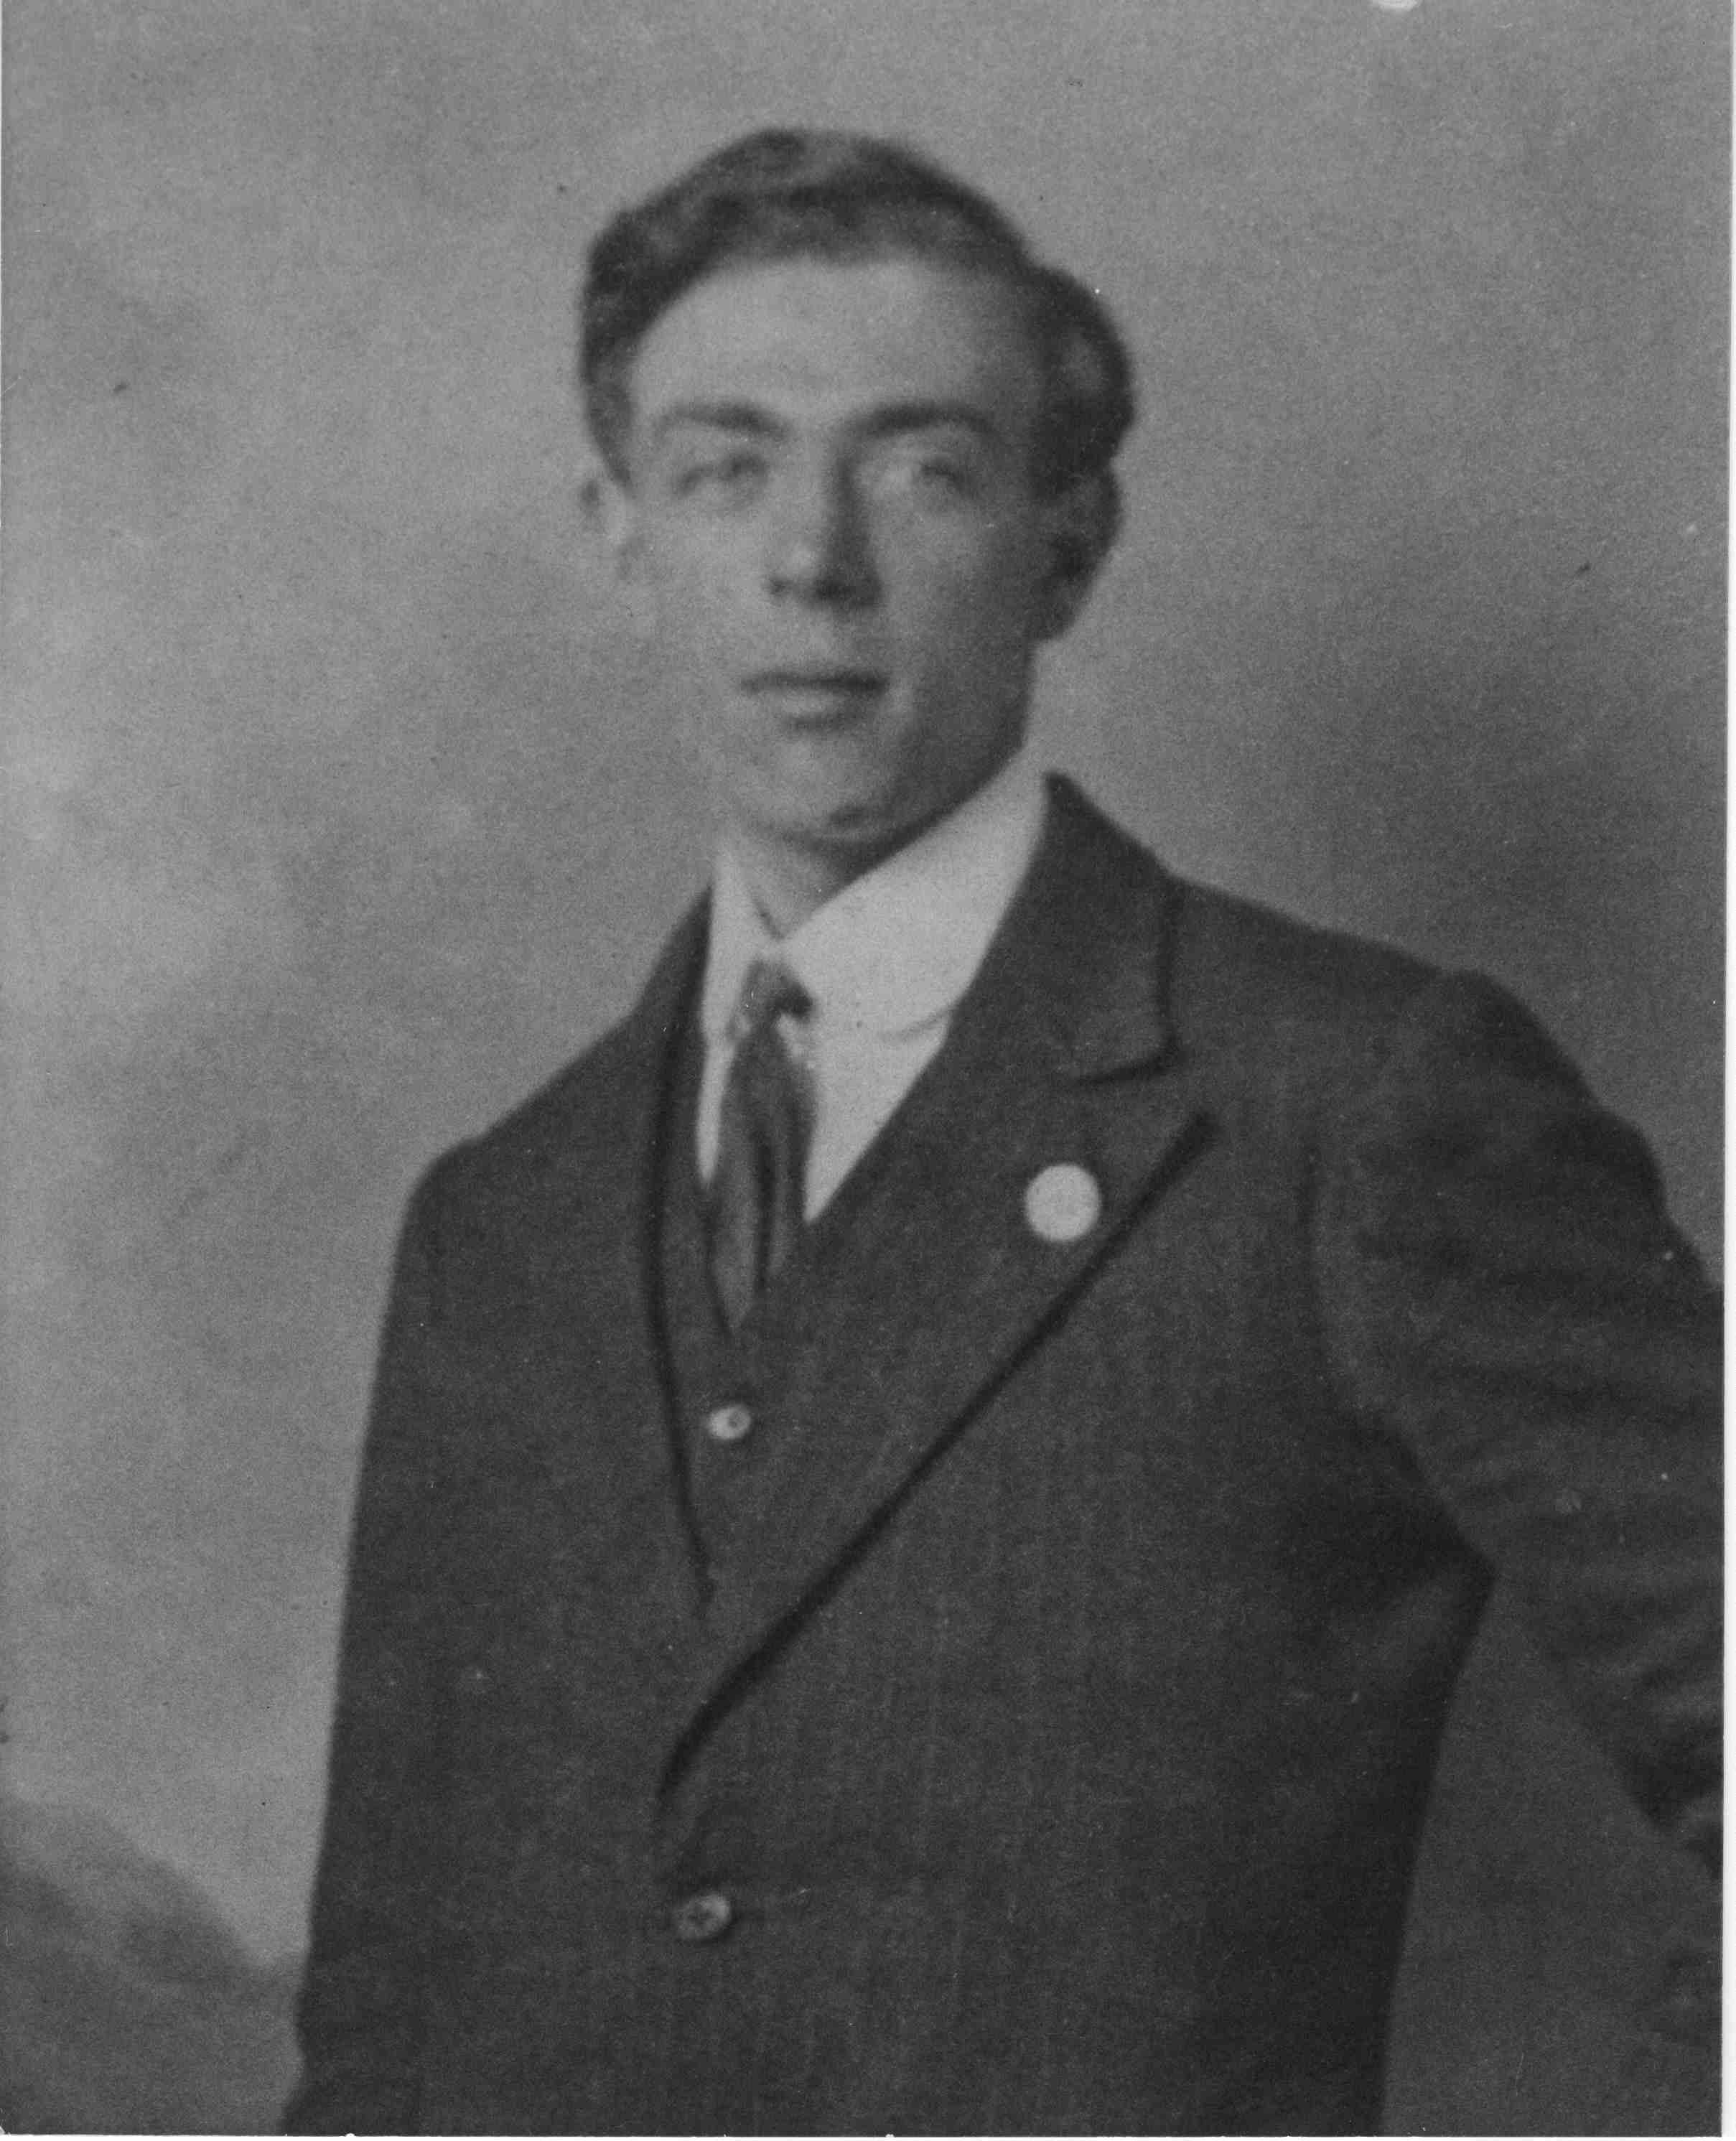 Lawson Gifford Baxter